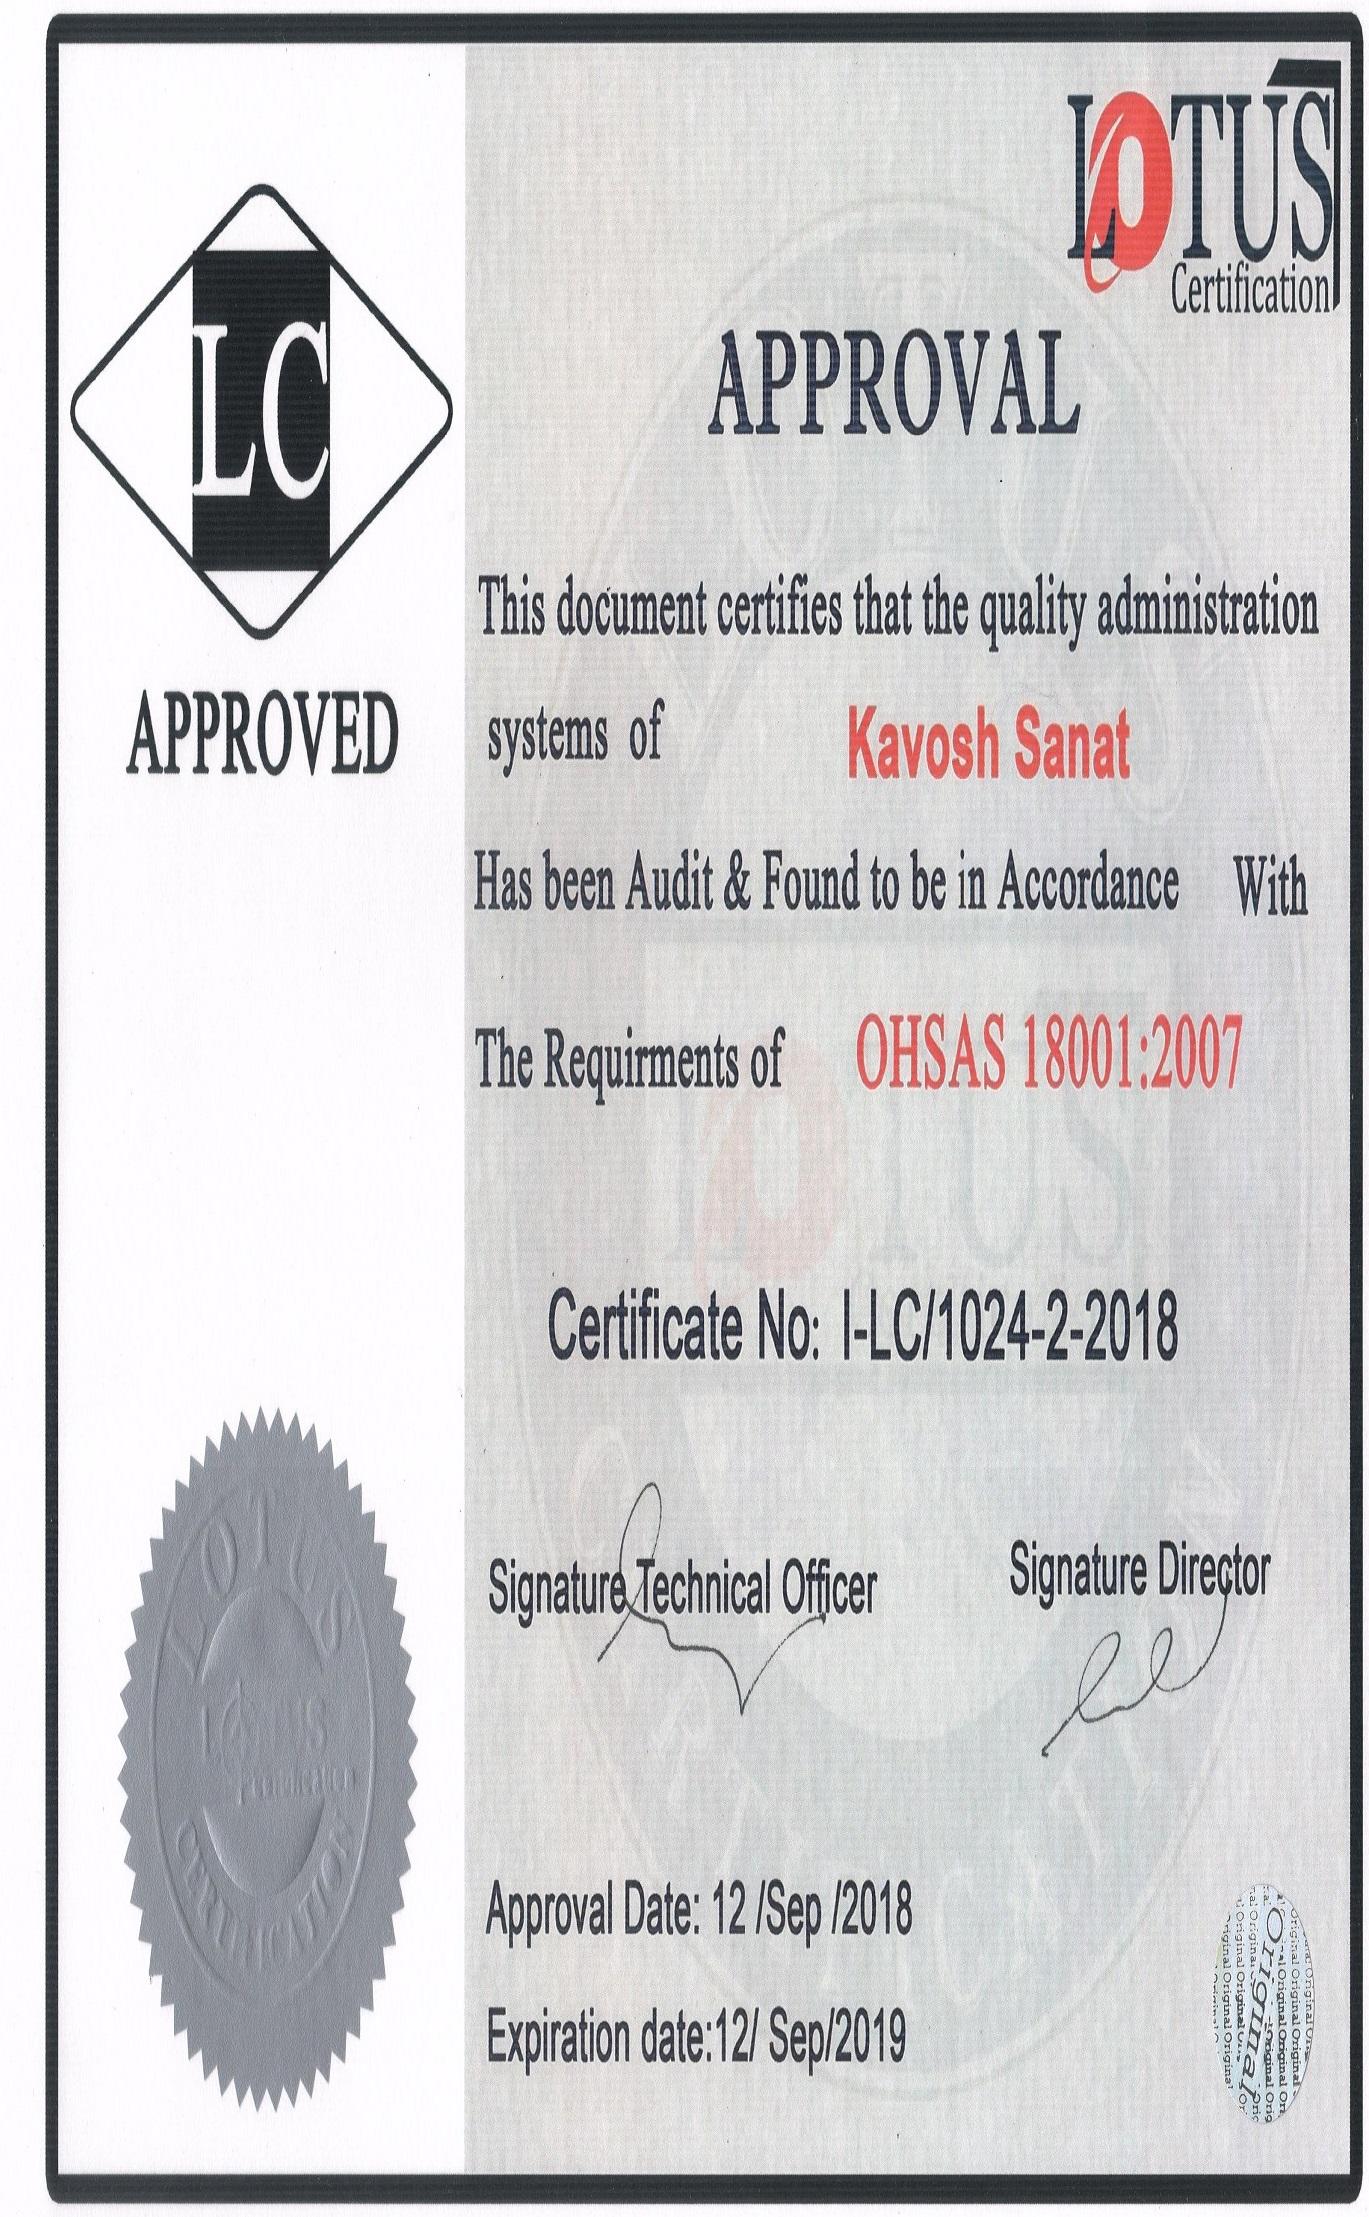 کاوش صنعت - OHSAS 18001:2007